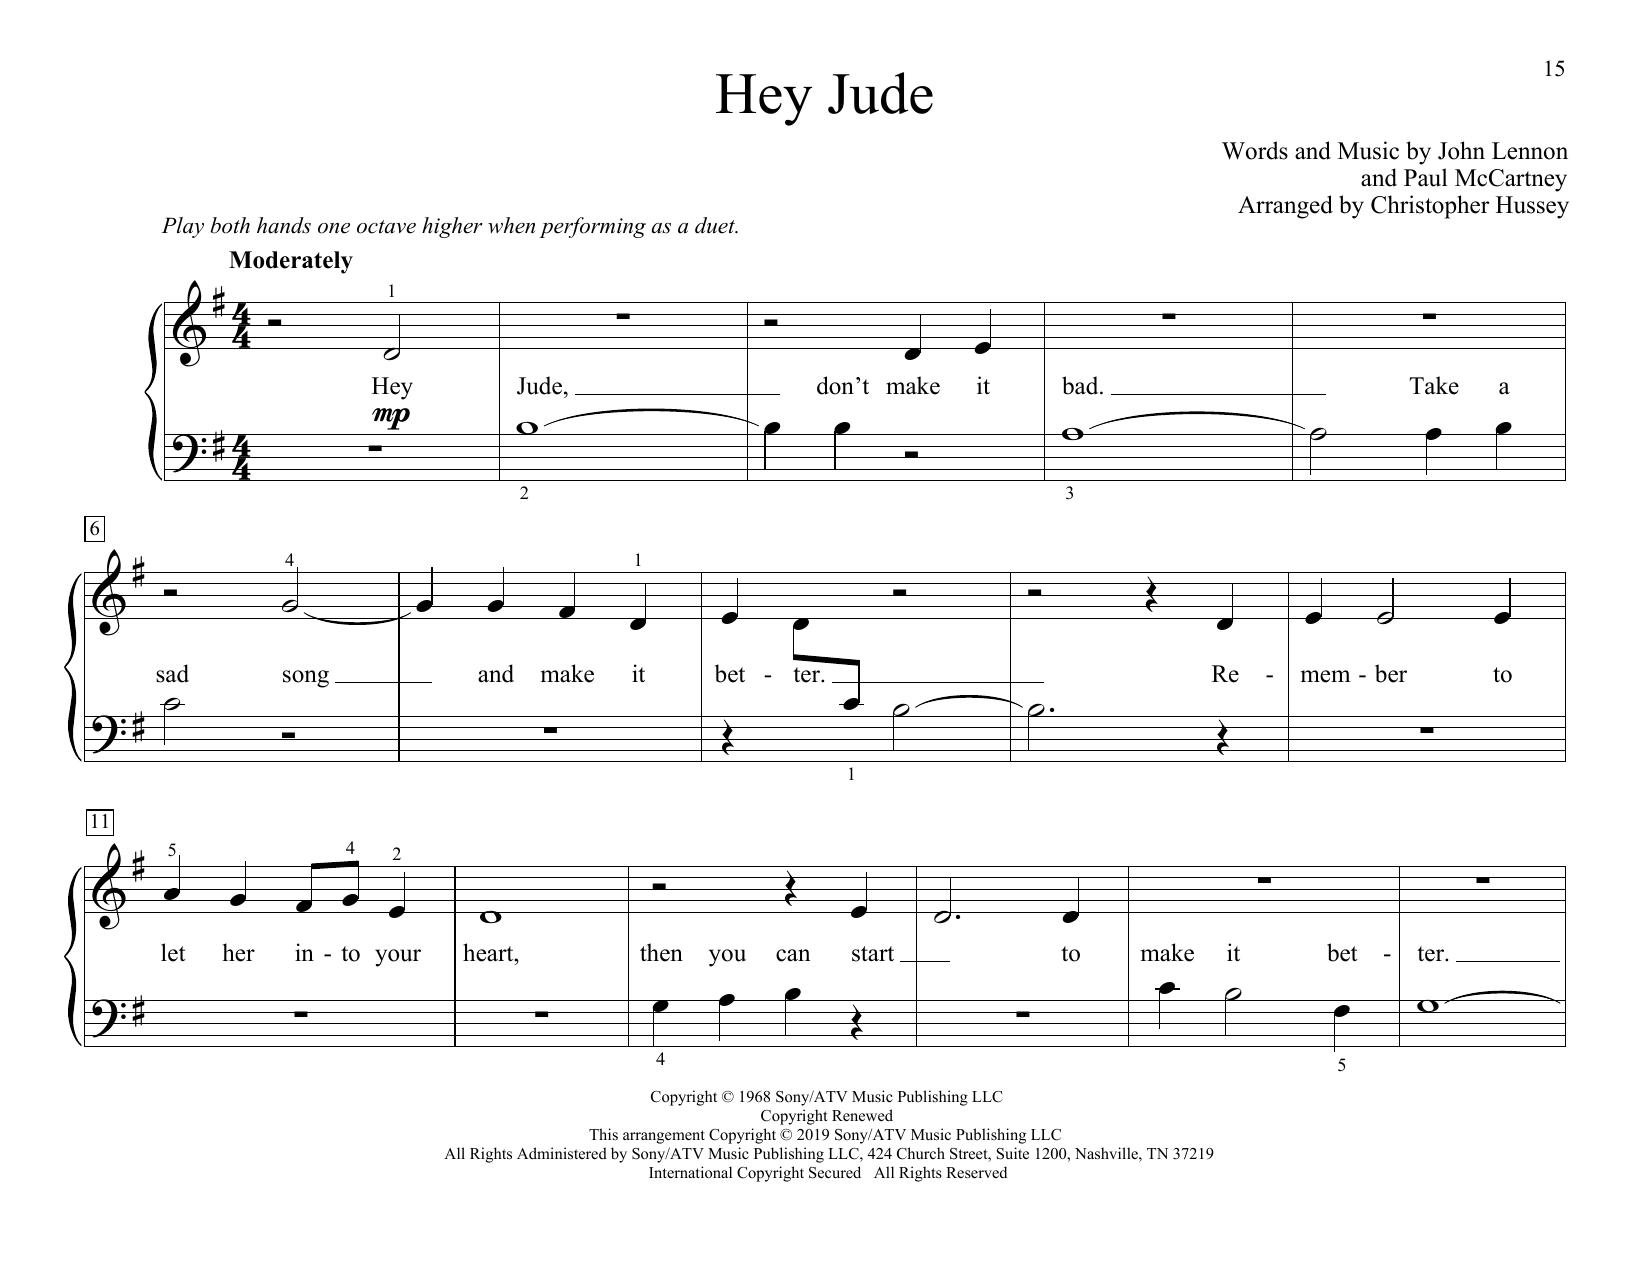 Hey Jude (arr. Christopher Hussey) (Piano Duet)